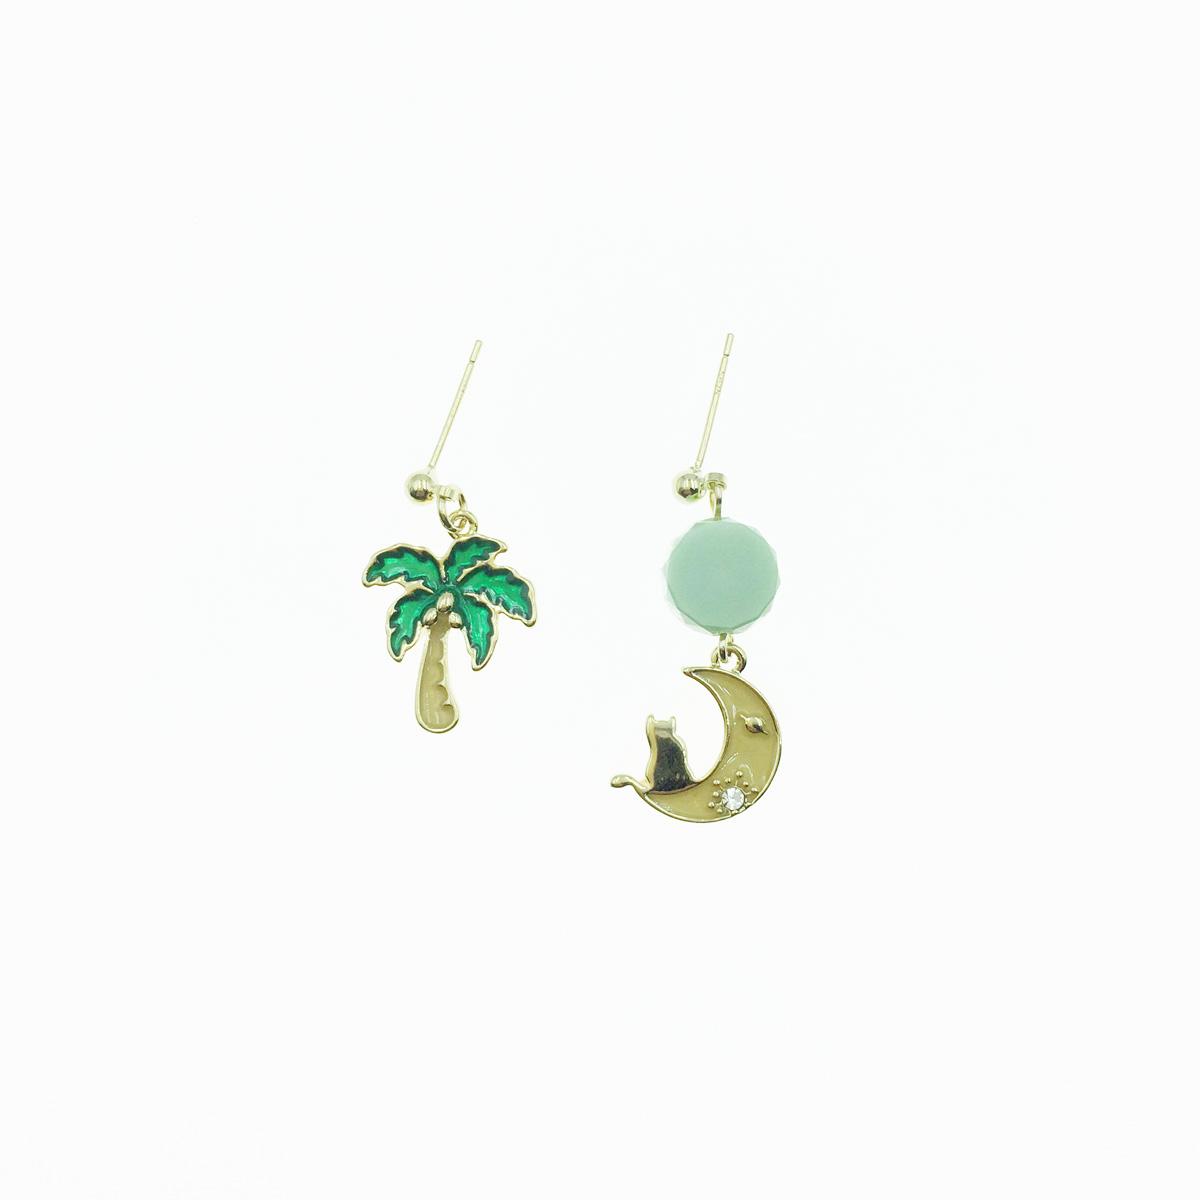 韓國 925純銀 椰子樹 貓咪月亮 不對稱 垂墜 可愛 耳針式 耳環